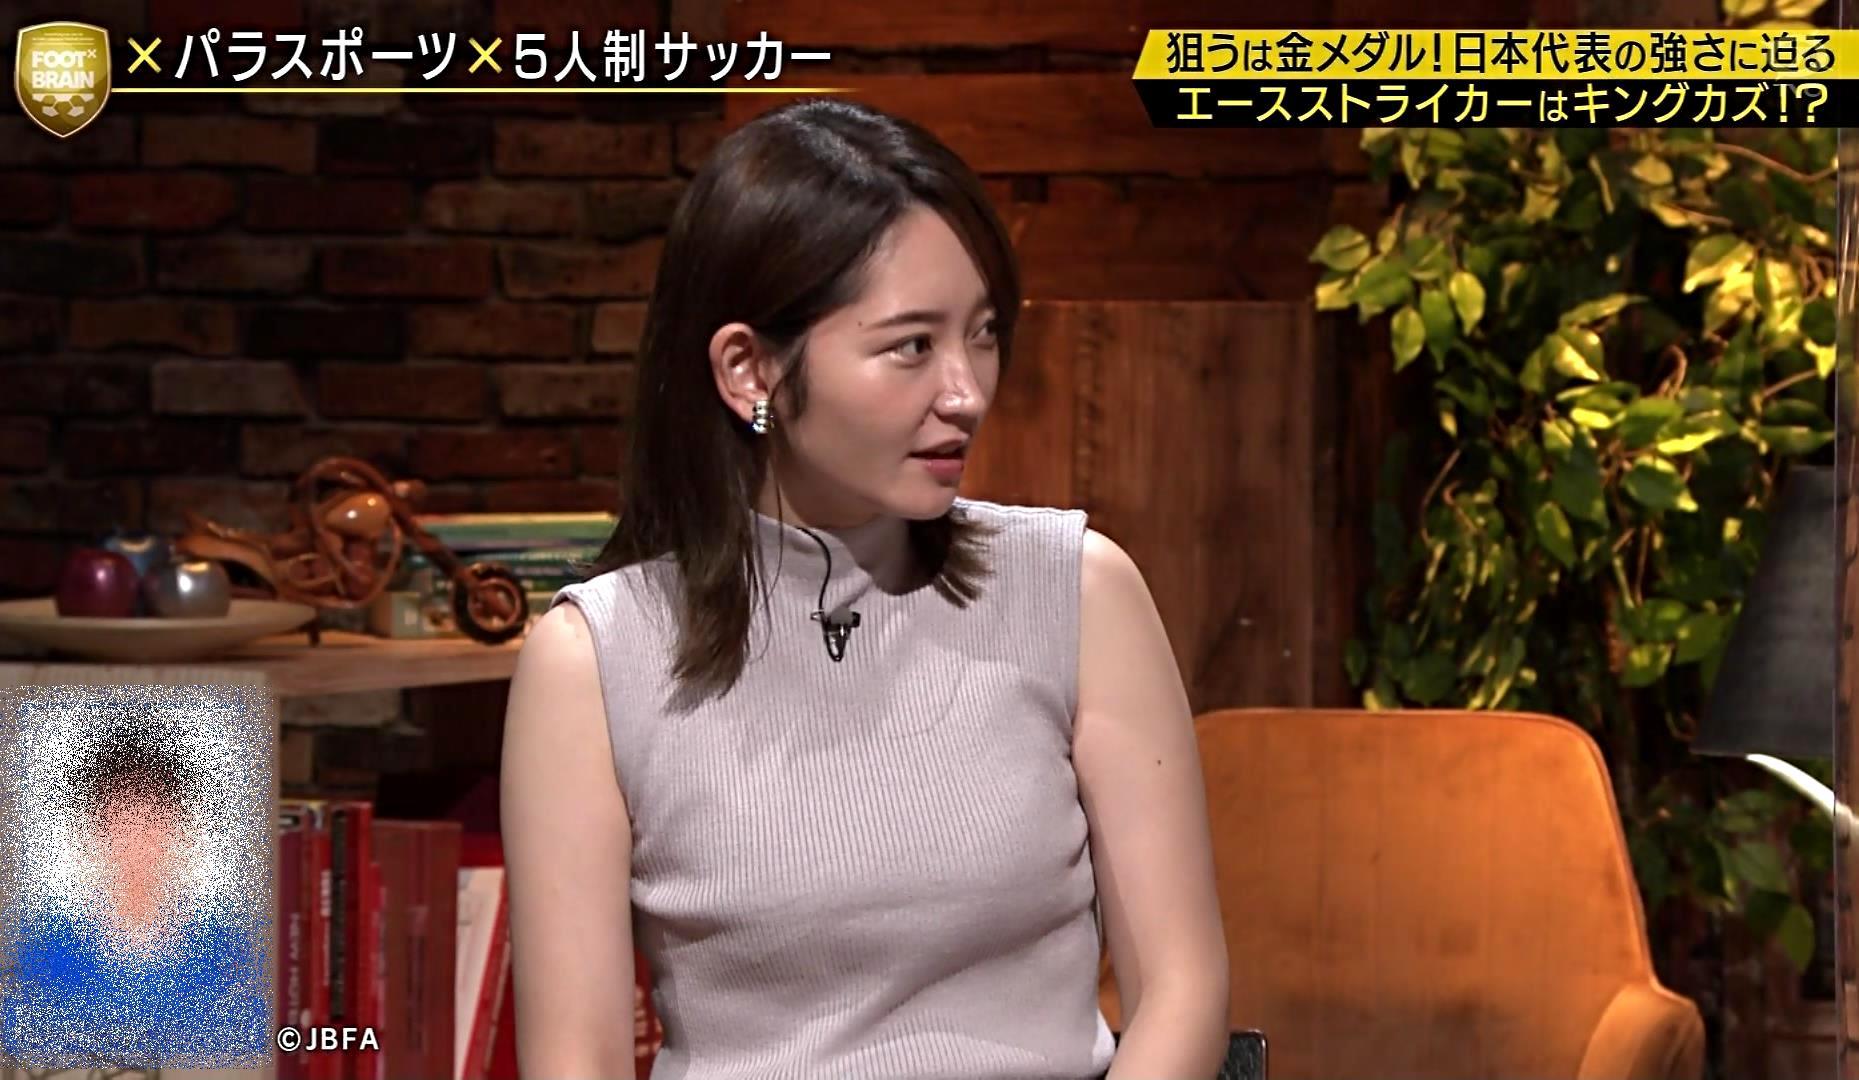 竹崎由佳の目隠し腋魅せ (1)